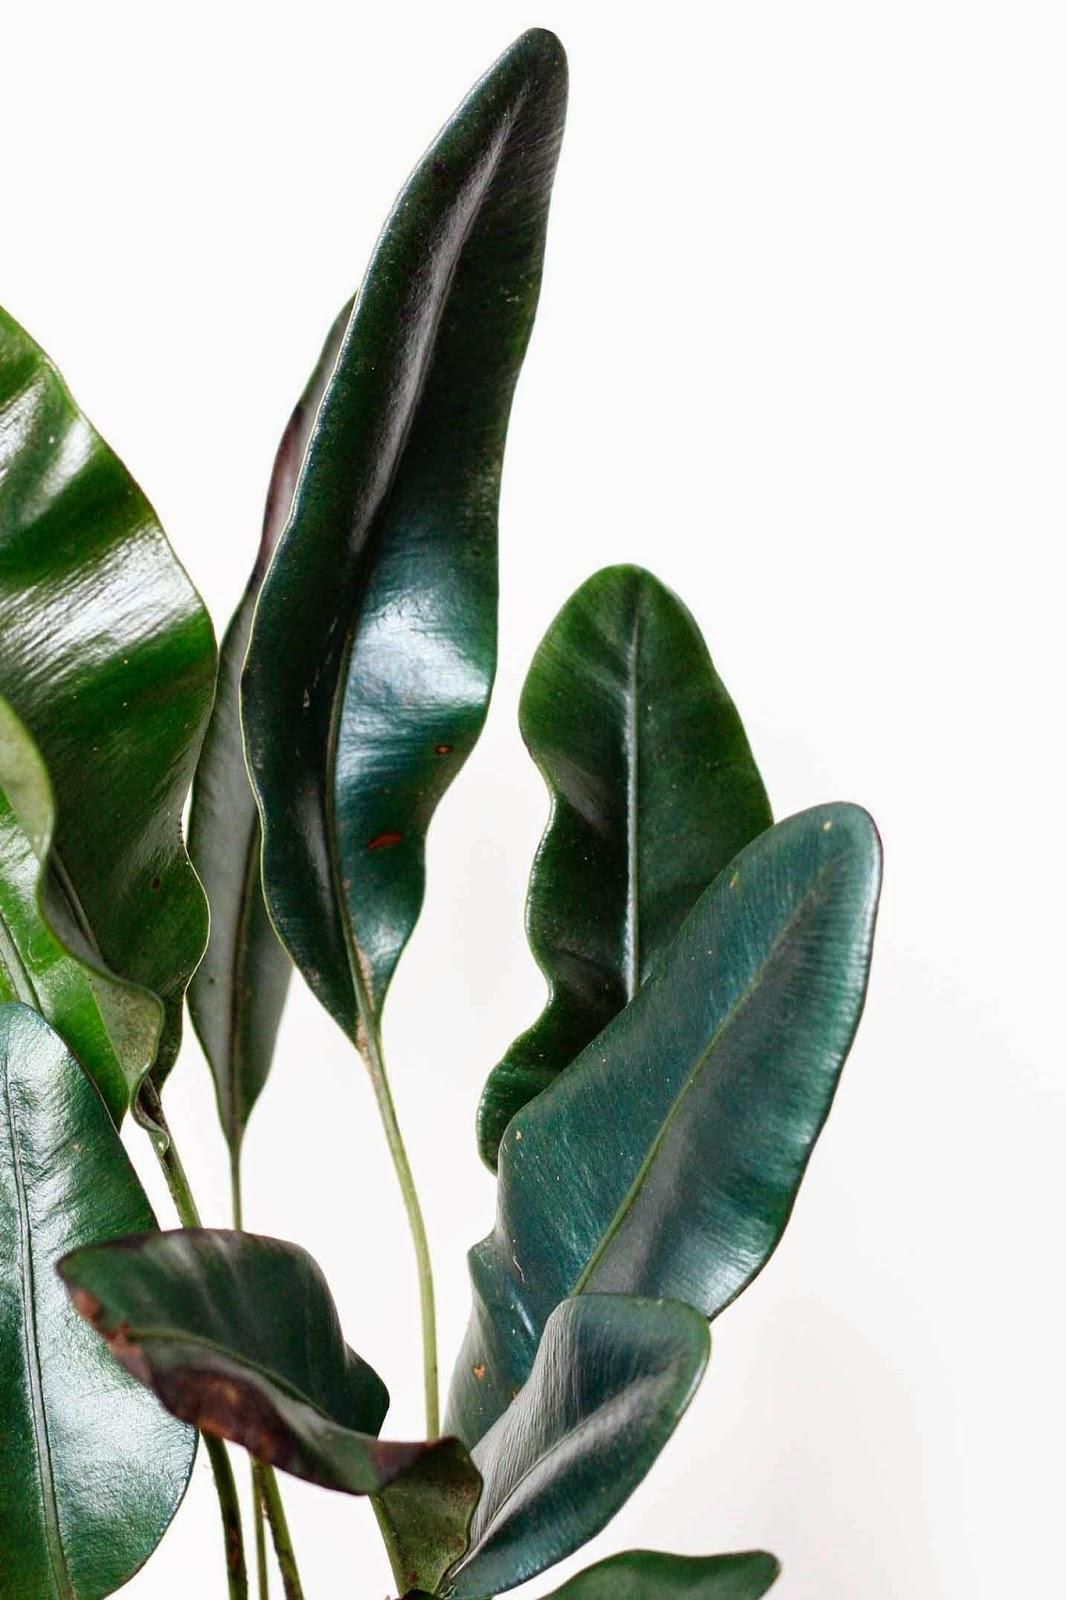 iridescent, plants, interior landscape, interiorscape, office, professional, maintenance, in situ, biophilia,  indoor, plant, garden, terrarium, elaphoglossum, metallicum